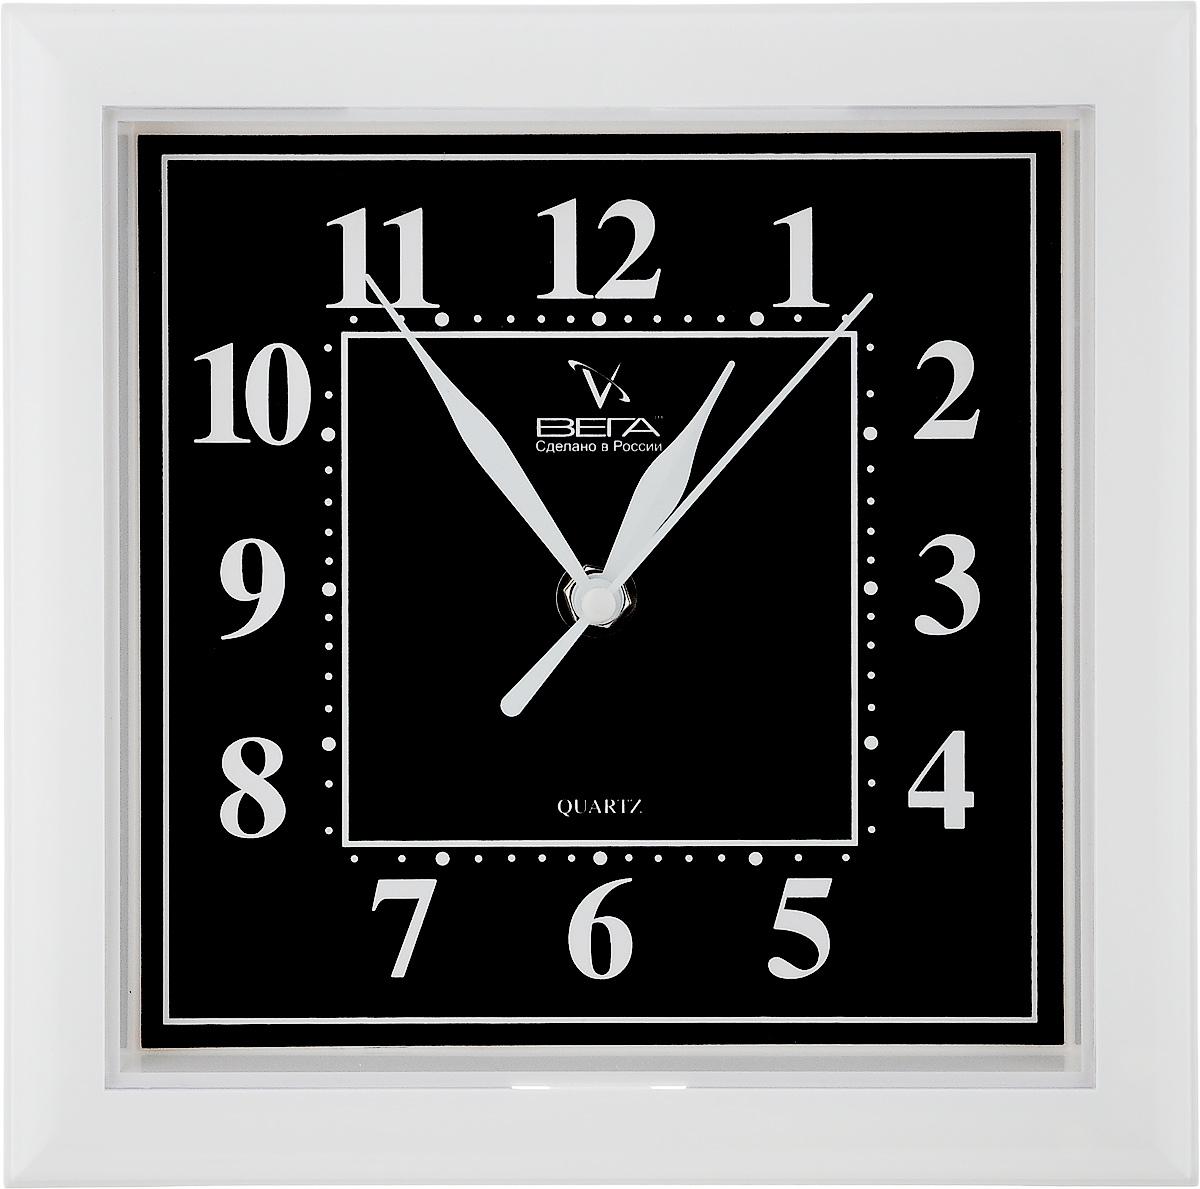 Часы настенные Вега Классика, цвет: белый, черный, 20,6 х 20,6 х 4 см94672Настенные кварцевые часы Вега Классика в классическом дизайне, изготовленные из пластика, прекрасно впишутся в интерьер вашего дома. Квадратные часы имеют три стрелки: часовую, минутную и секундную, циферблат защищен прозрачным пластиком. Часы работают от 1 батарейки типа АА напряжением 1,5 В (не входит в комплект).